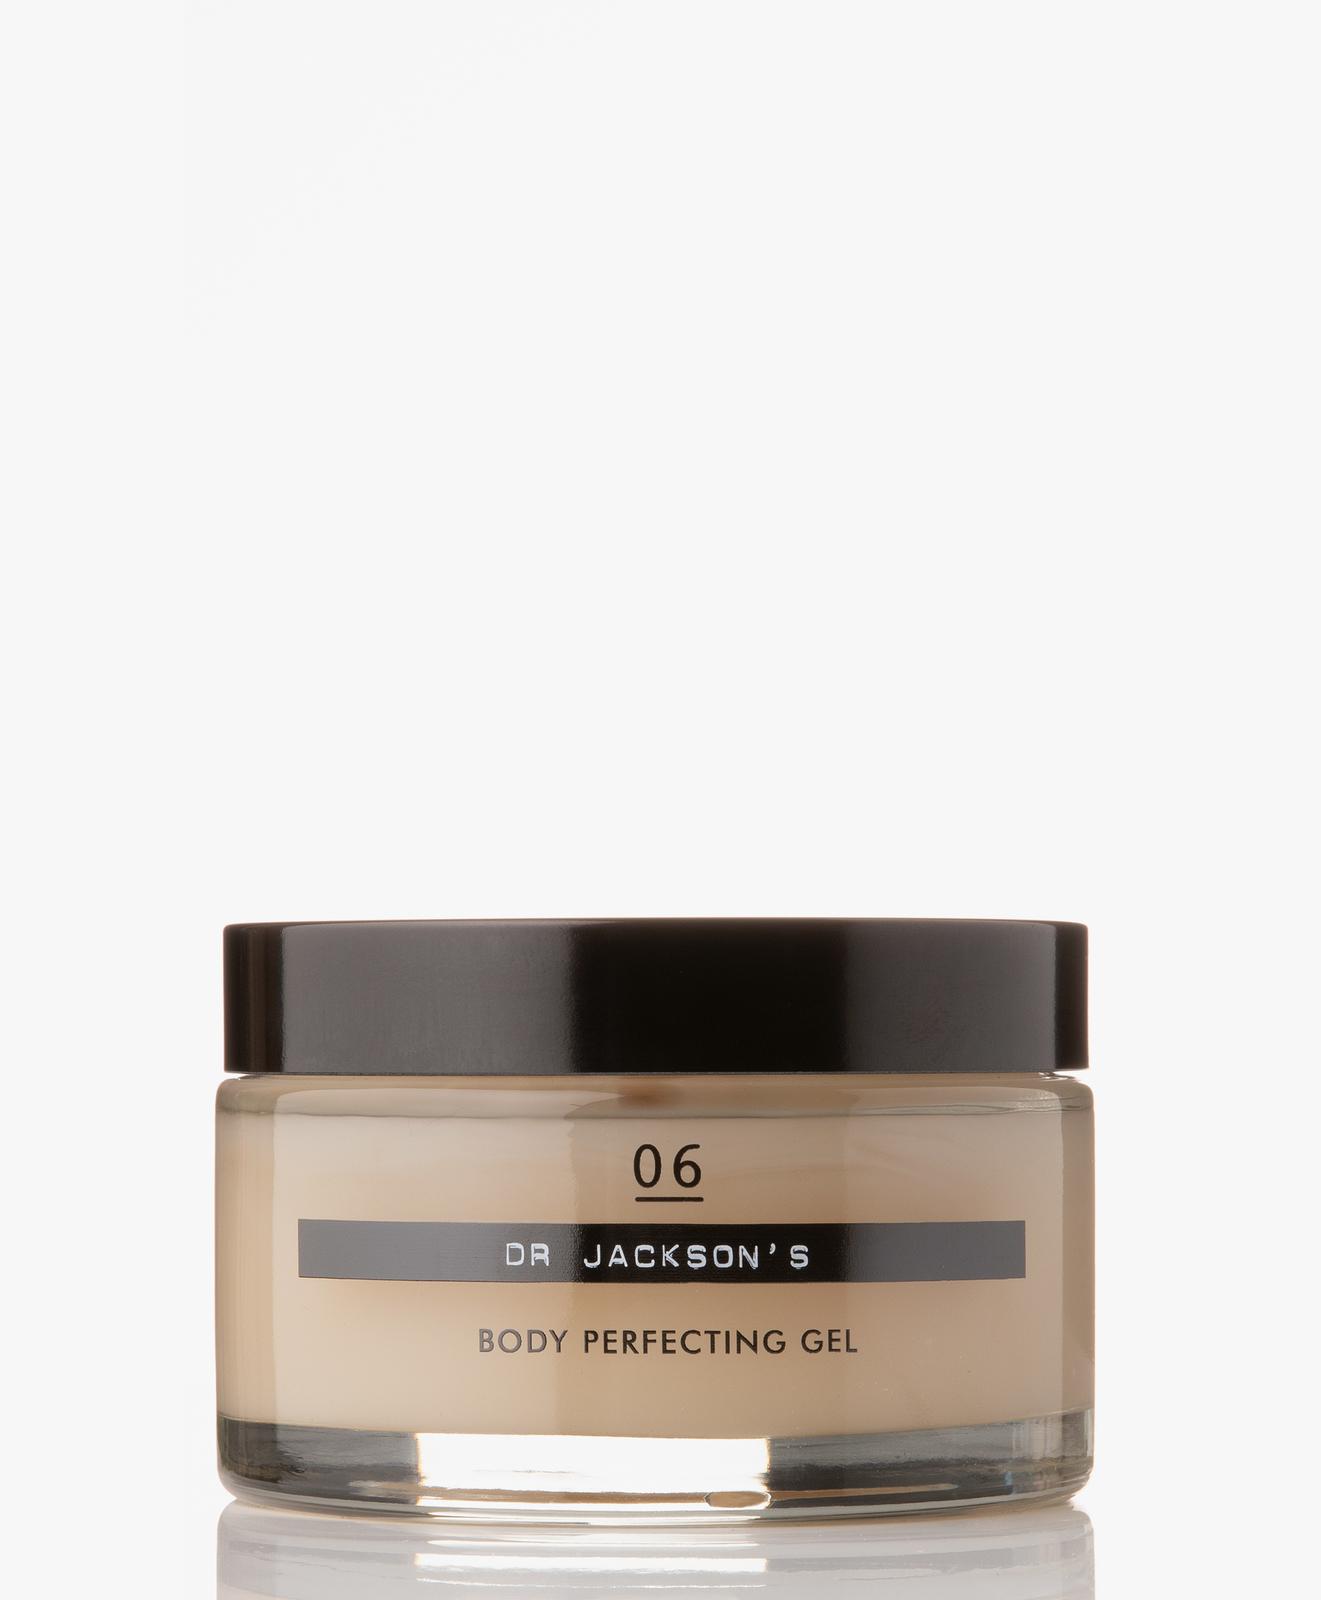 Afbeelding van Dr Jackson's Gel 06 Body Perfecting